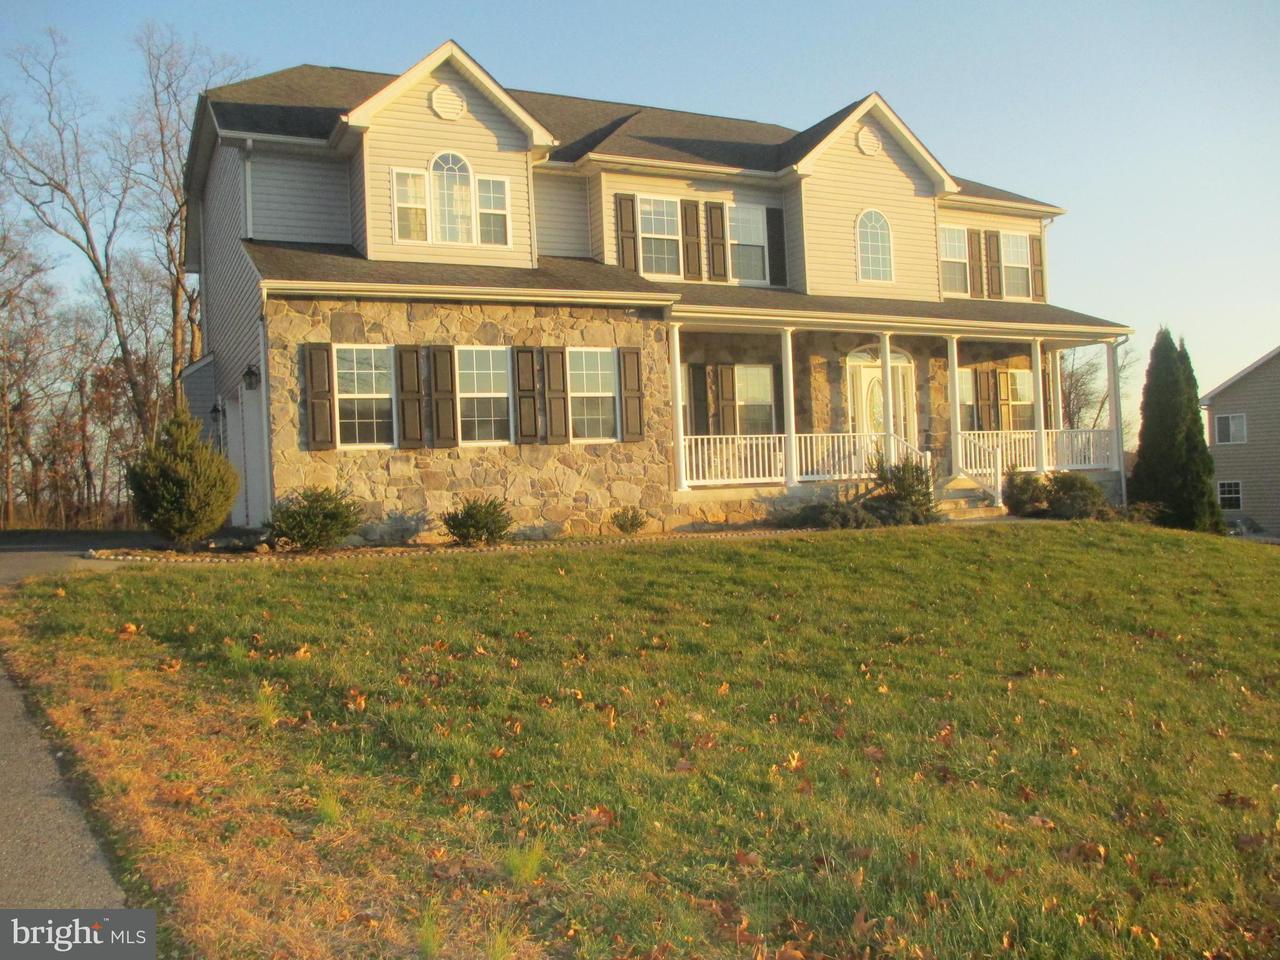 独户住宅 为 销售 在 190 Braeburn Drive 190 Braeburn Drive Martinsburg, 西弗吉尼亚州 25403 美国